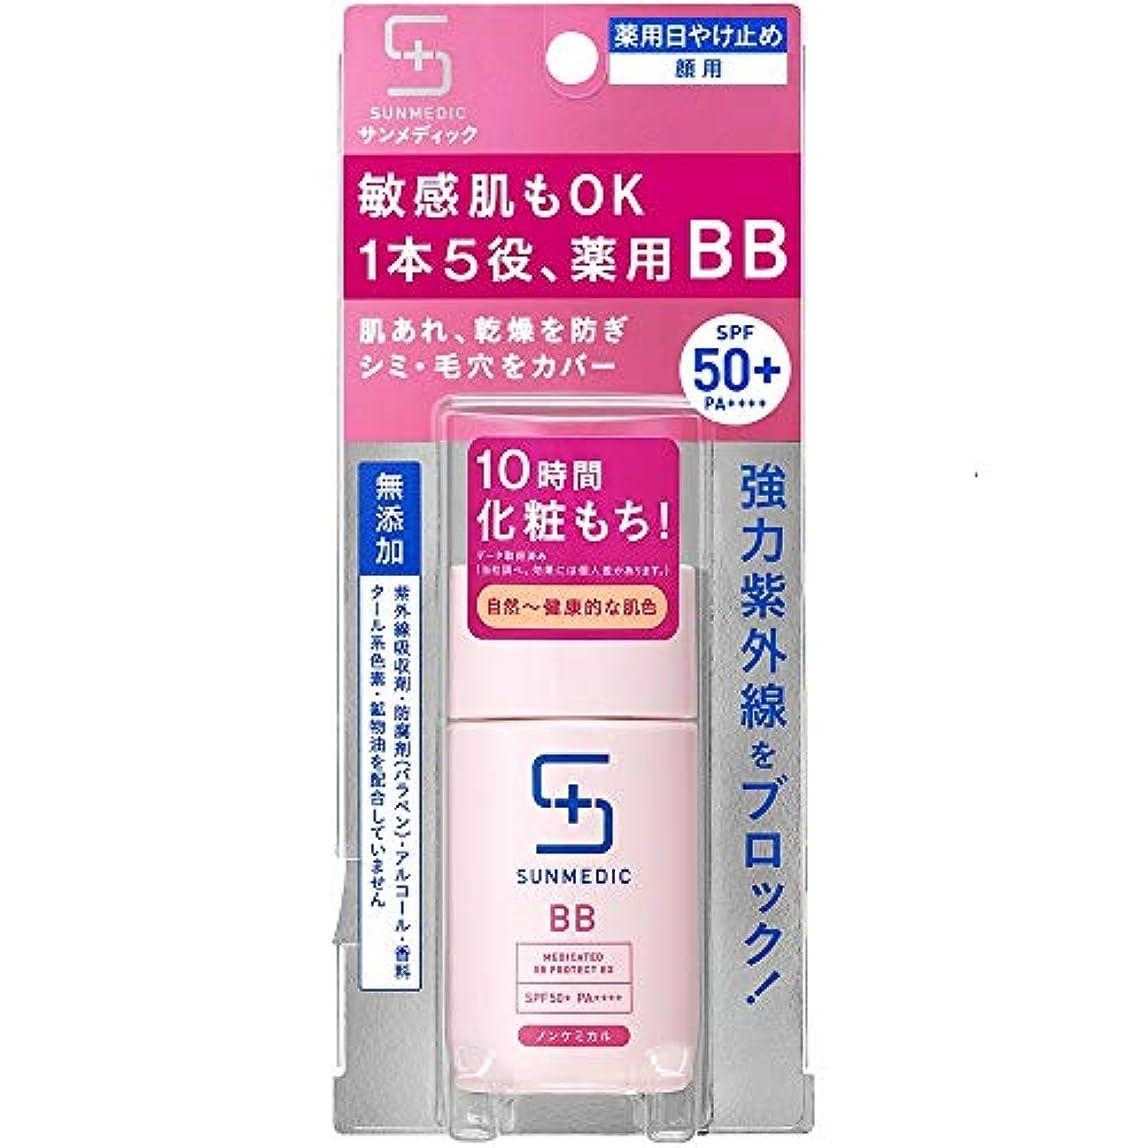 許容できる革命的質量サンメディックUV 薬用BBプロテクトEX ナチュラル 30ml (医薬部外品)